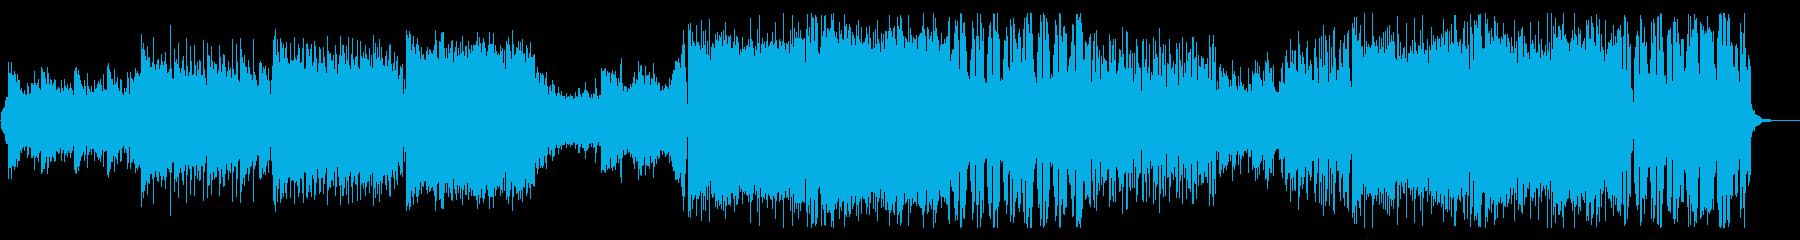 映像などで使える、癒し系トロピカルハウスの再生済みの波形